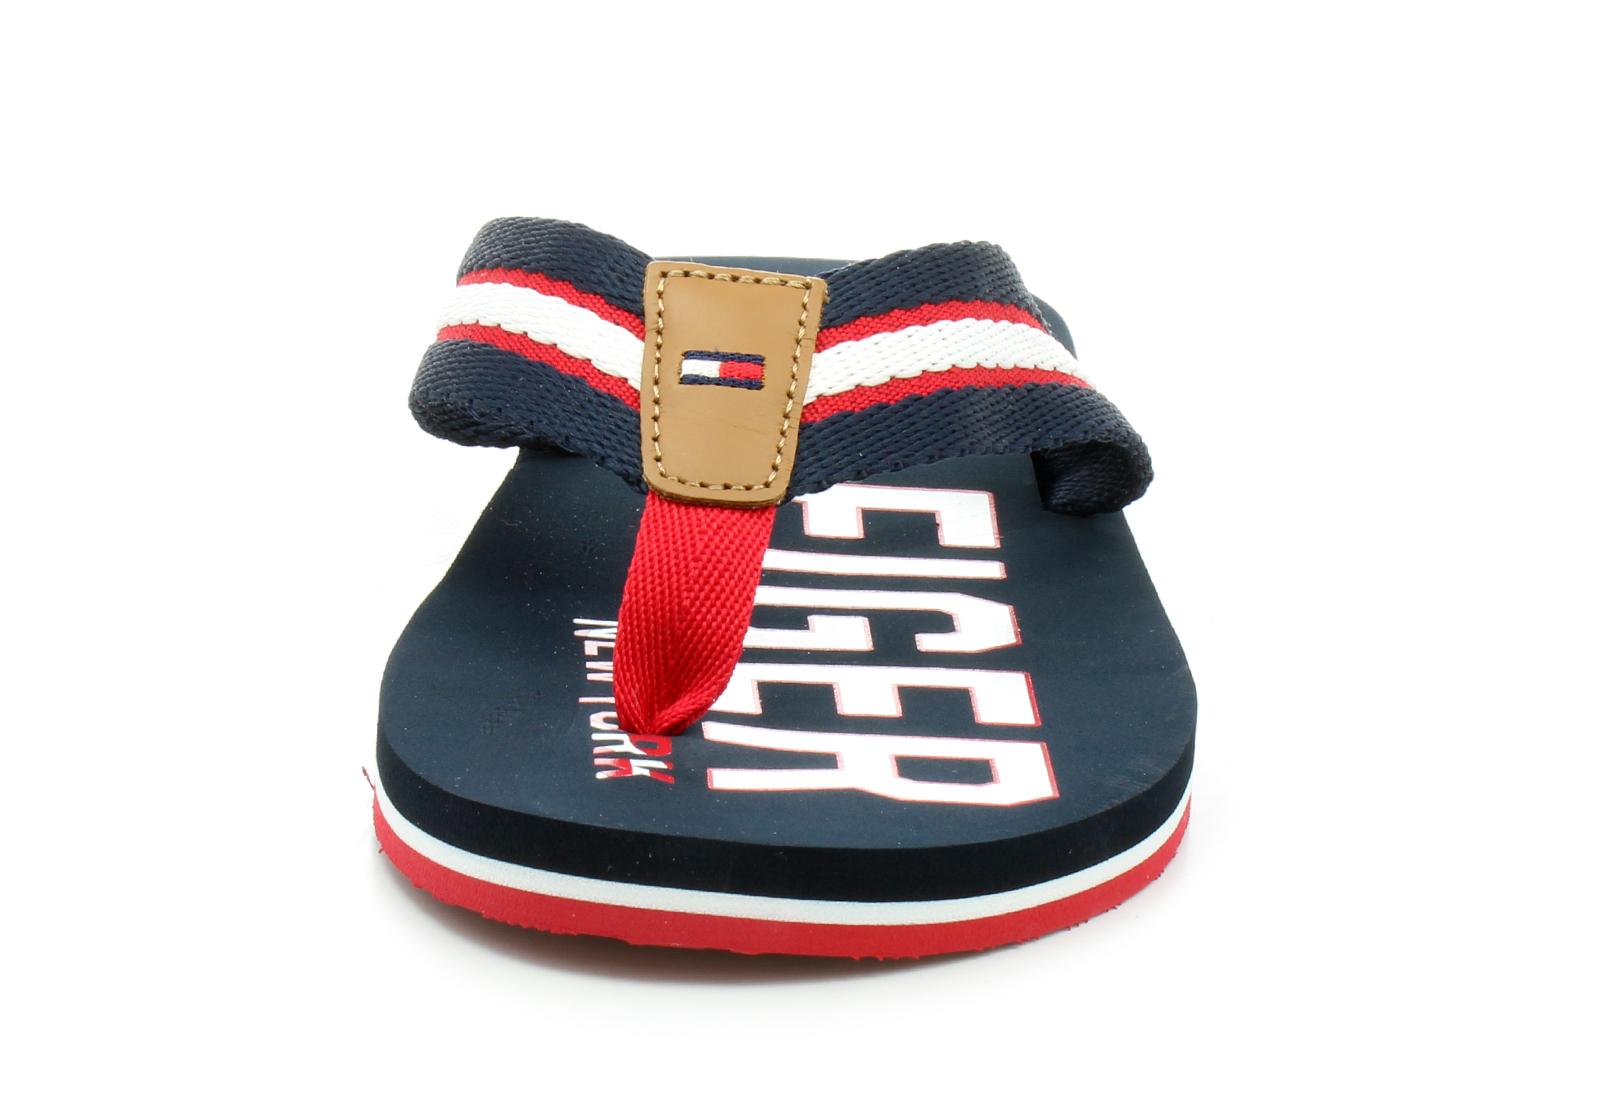 Tommy Hilfiger Papucs - Banks 11d - 17S-1071-901 - Office Shoes ... d11404c3b3